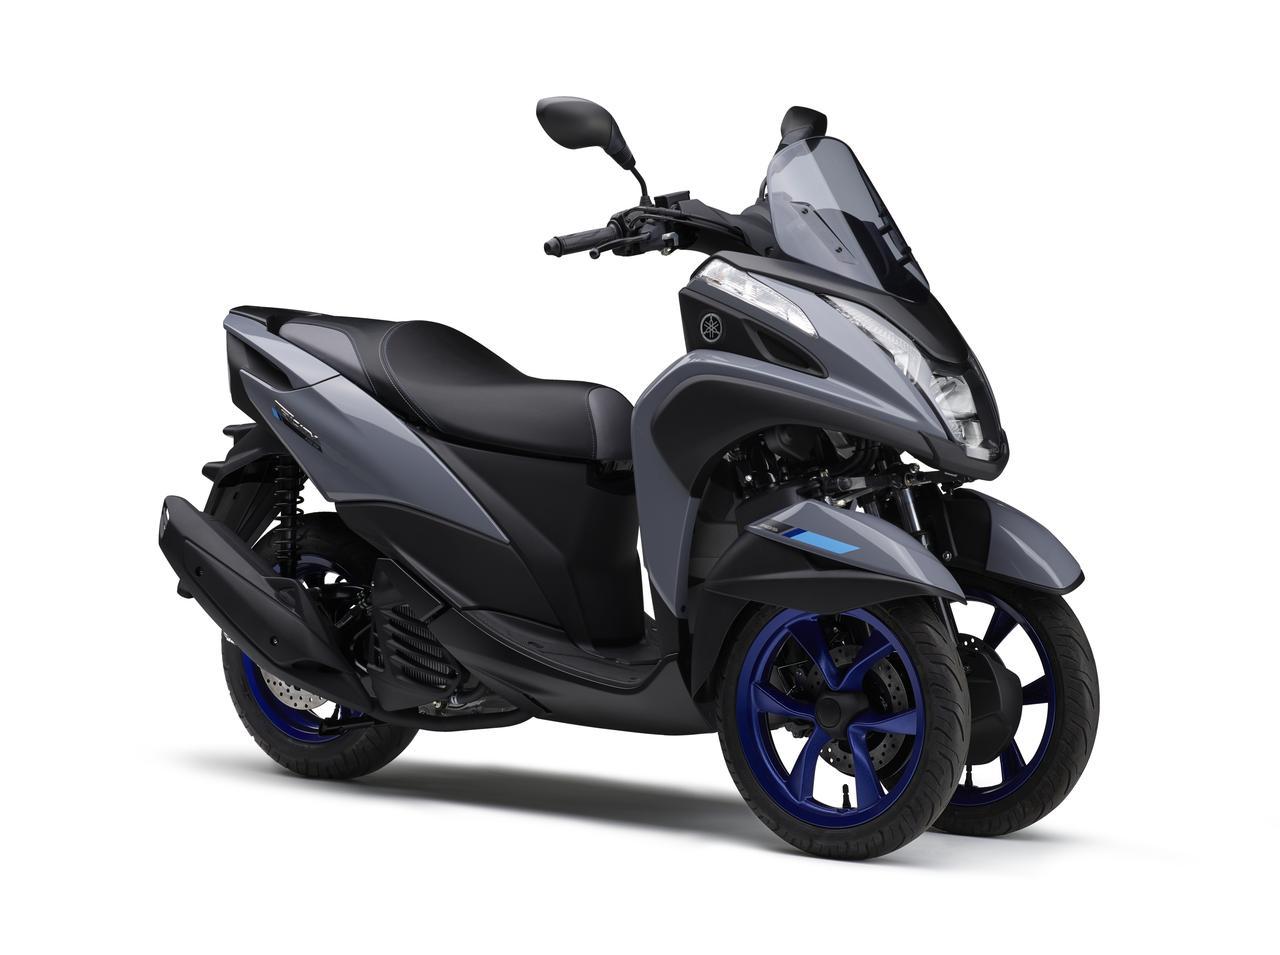 画像1: ヤマハ「トシリティ155 ABS」【1分で読める 2021年に新車で購入可能な150ccバイク紹介】